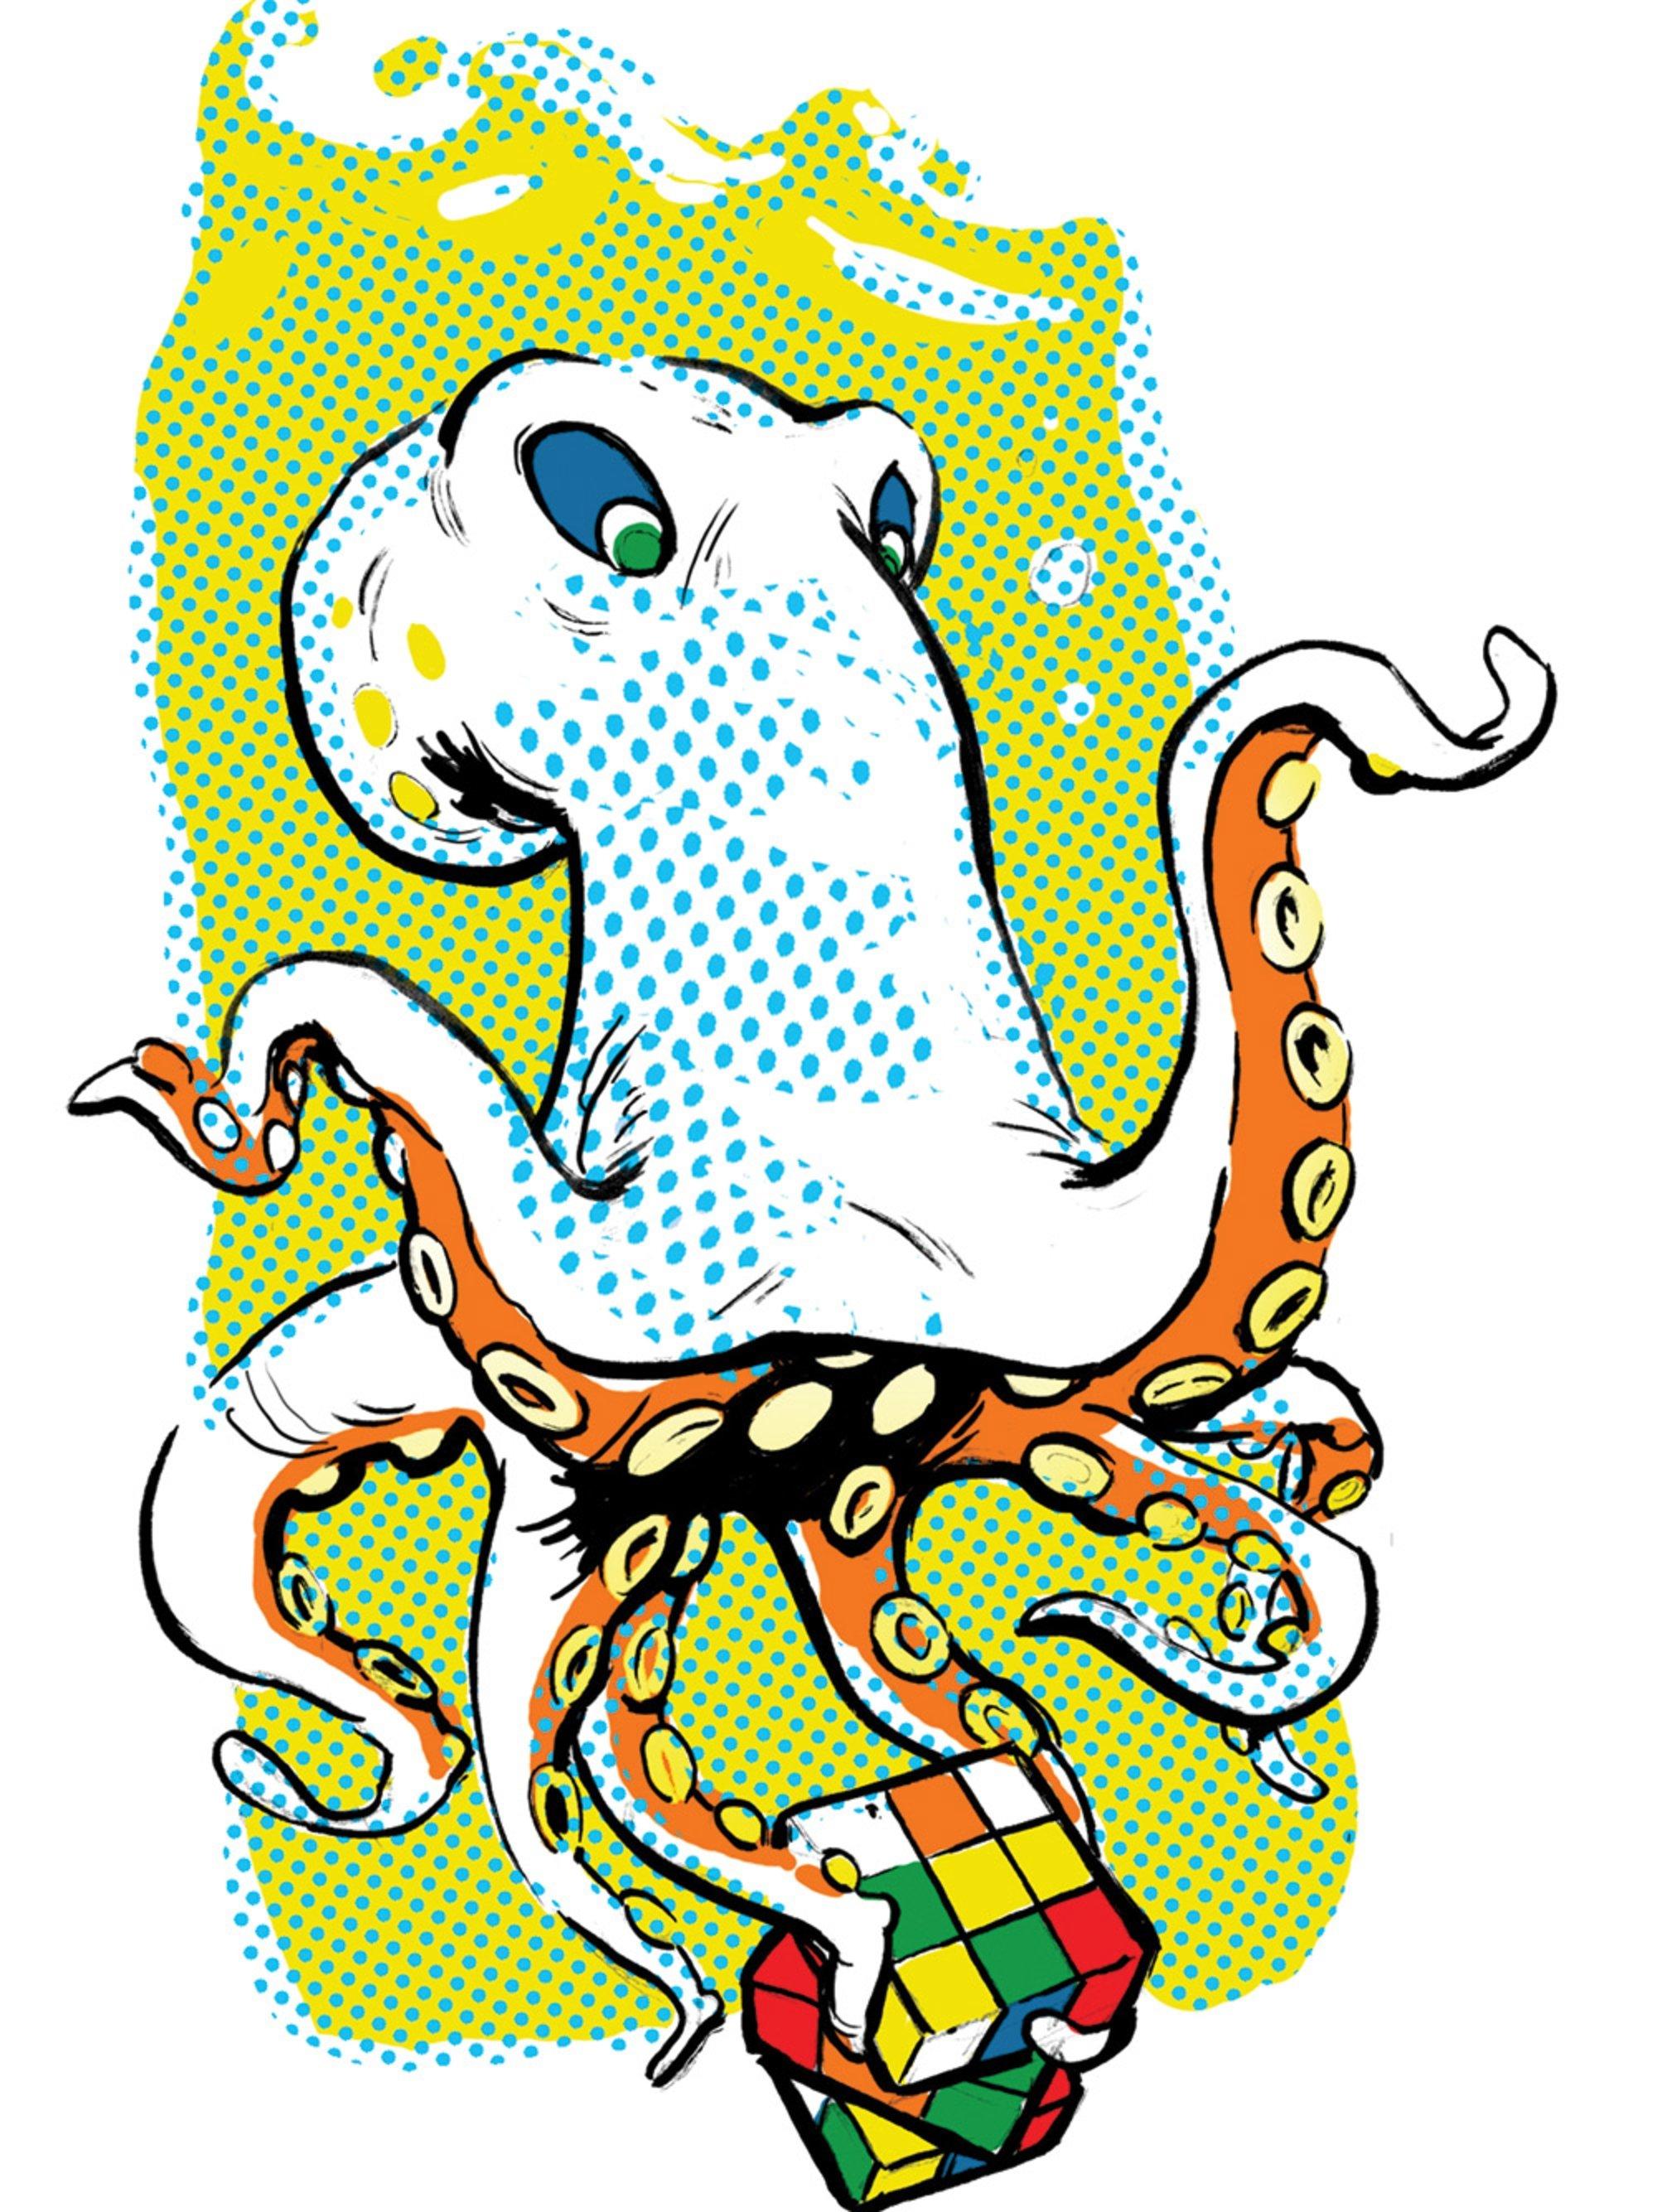 octopus-intelligence.jpg